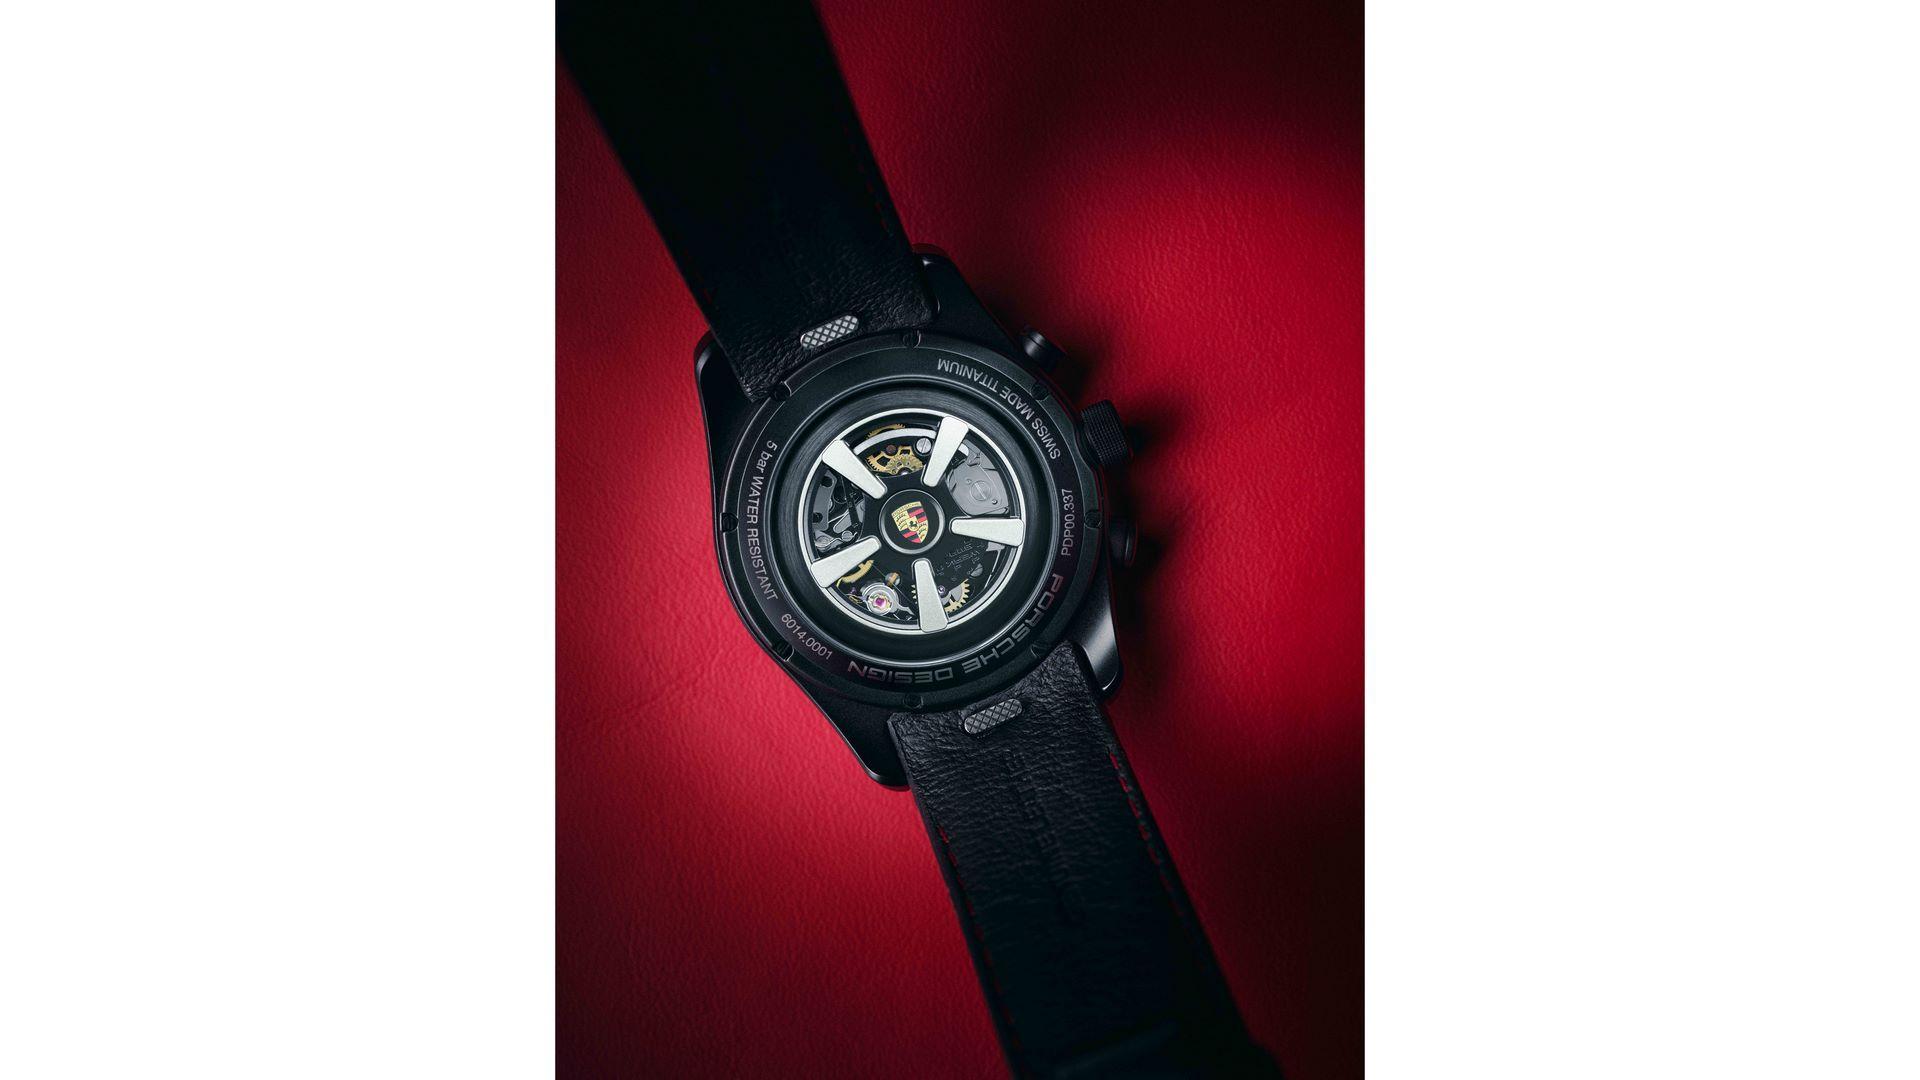 Porsche-Design-Watches-Personalize-16